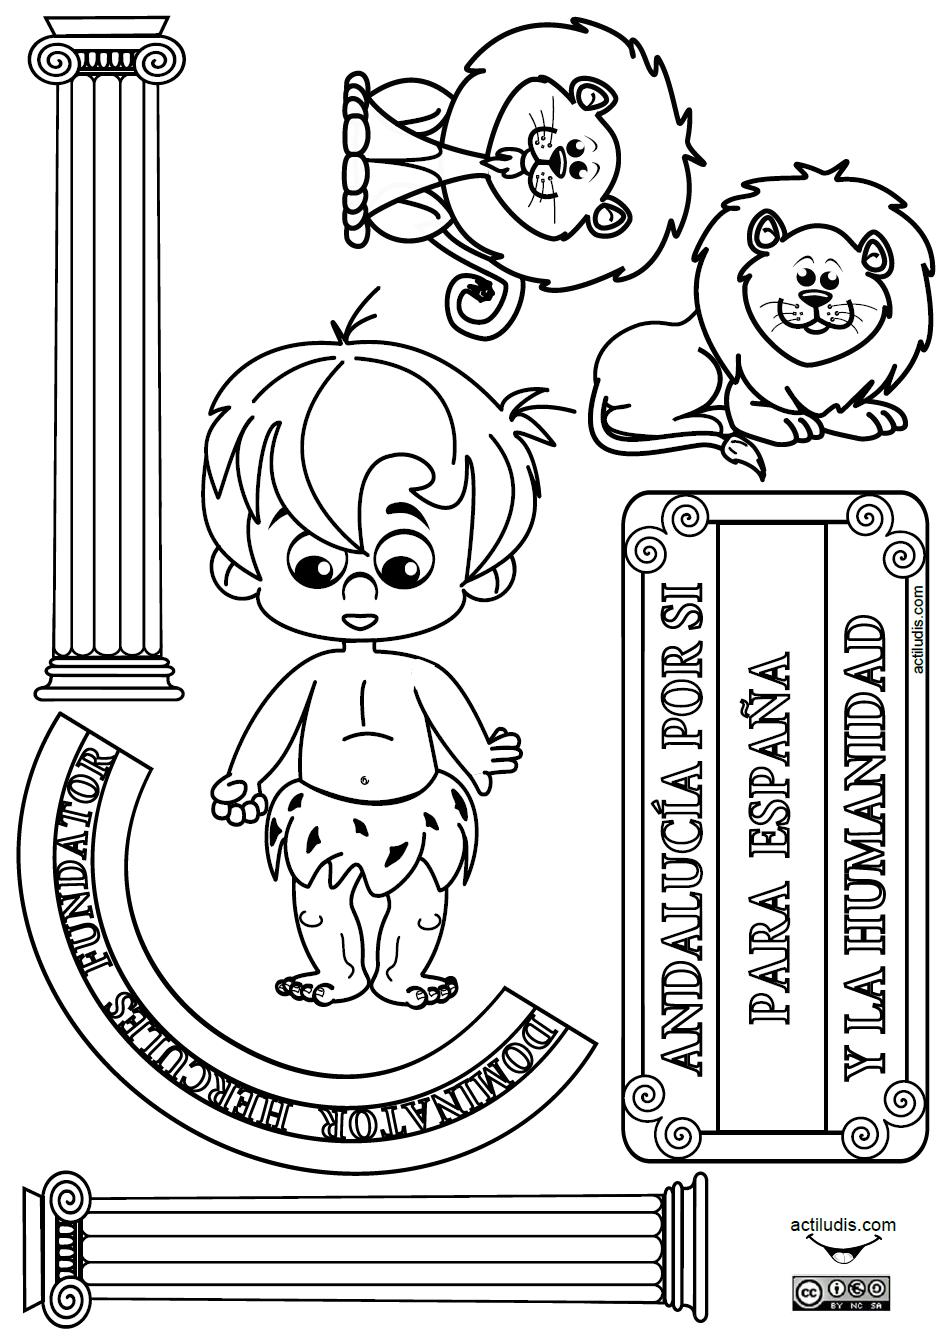 dia de andalucia para colorear Escudo Andaluc a Dibujo 159x225 ...